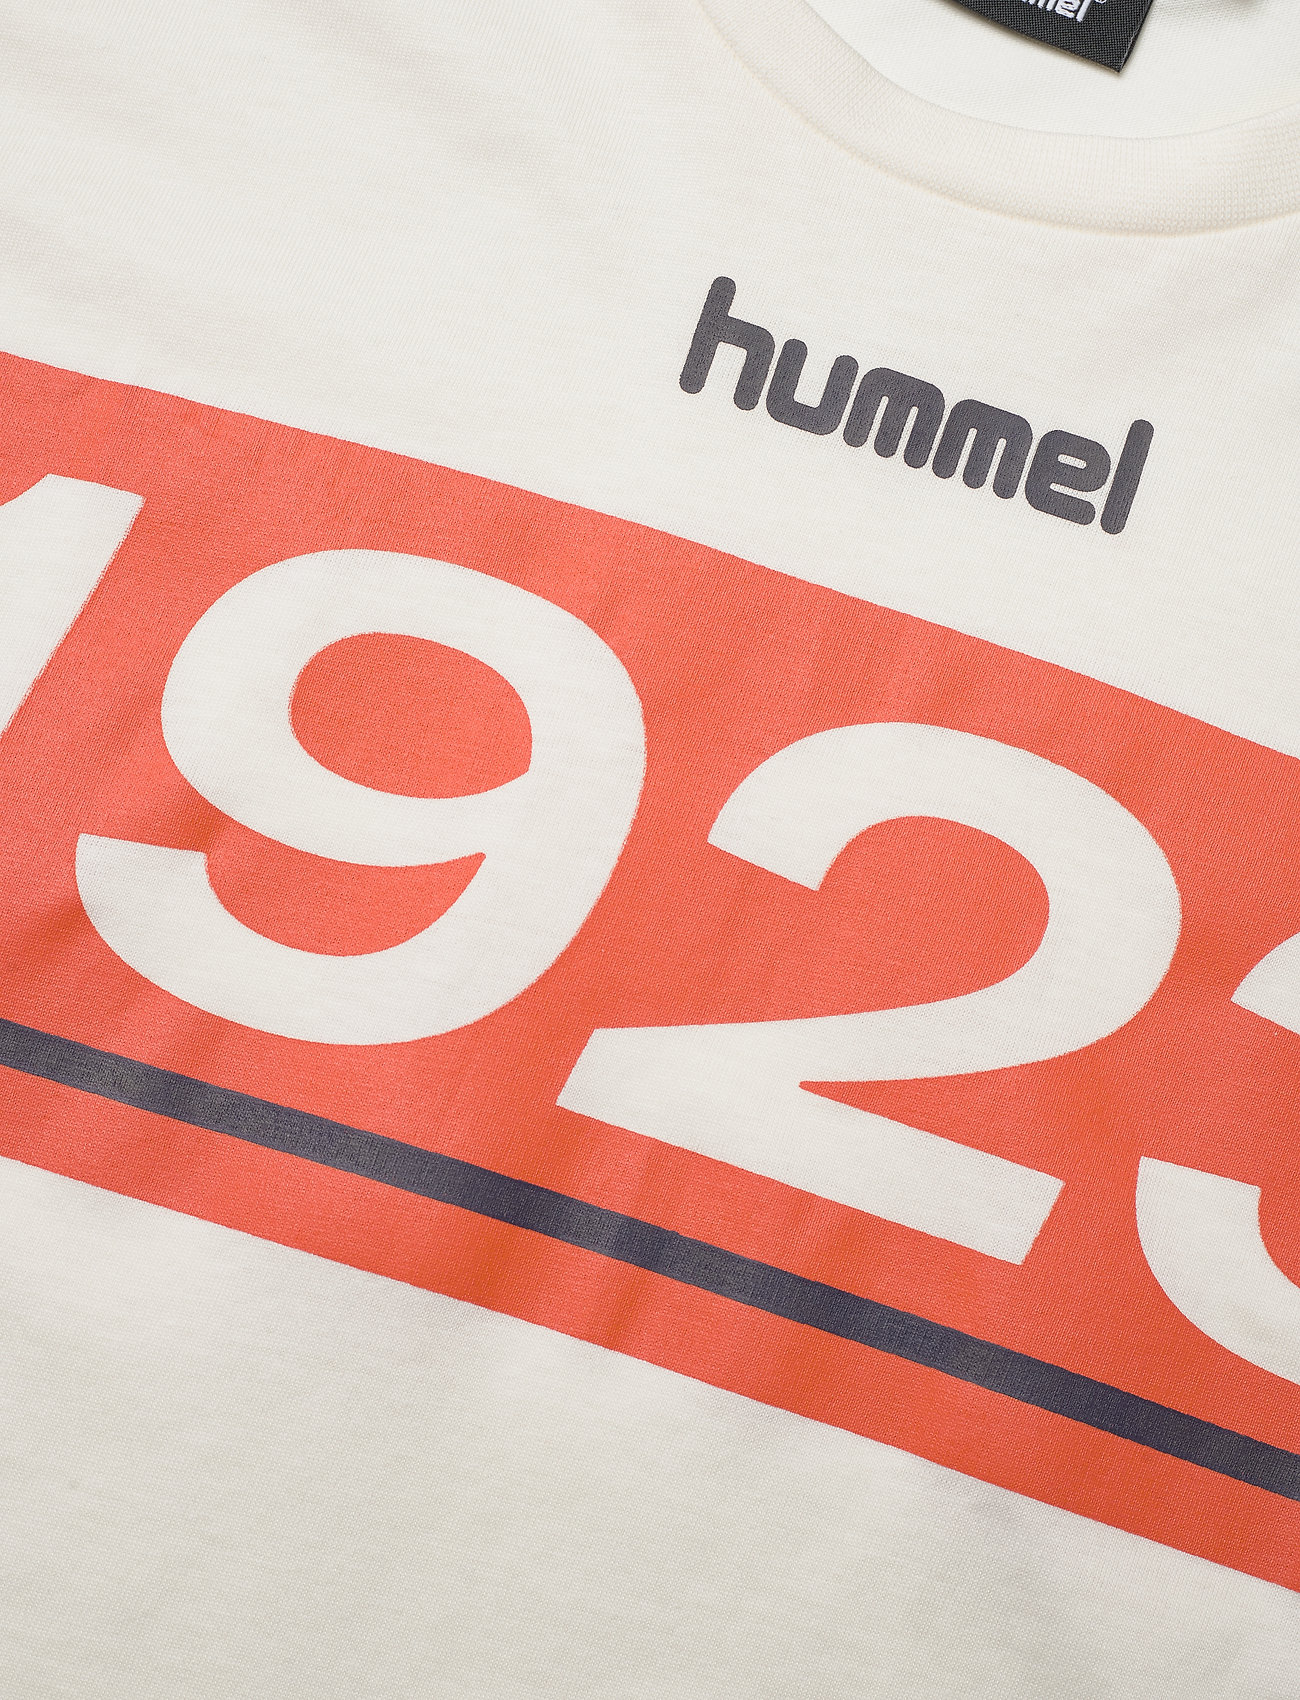 Hummel Hmljasper T-shirt S/s (Mandarin Red) 195.97 kr   Stort utbud av designermärken jY8wZf8D